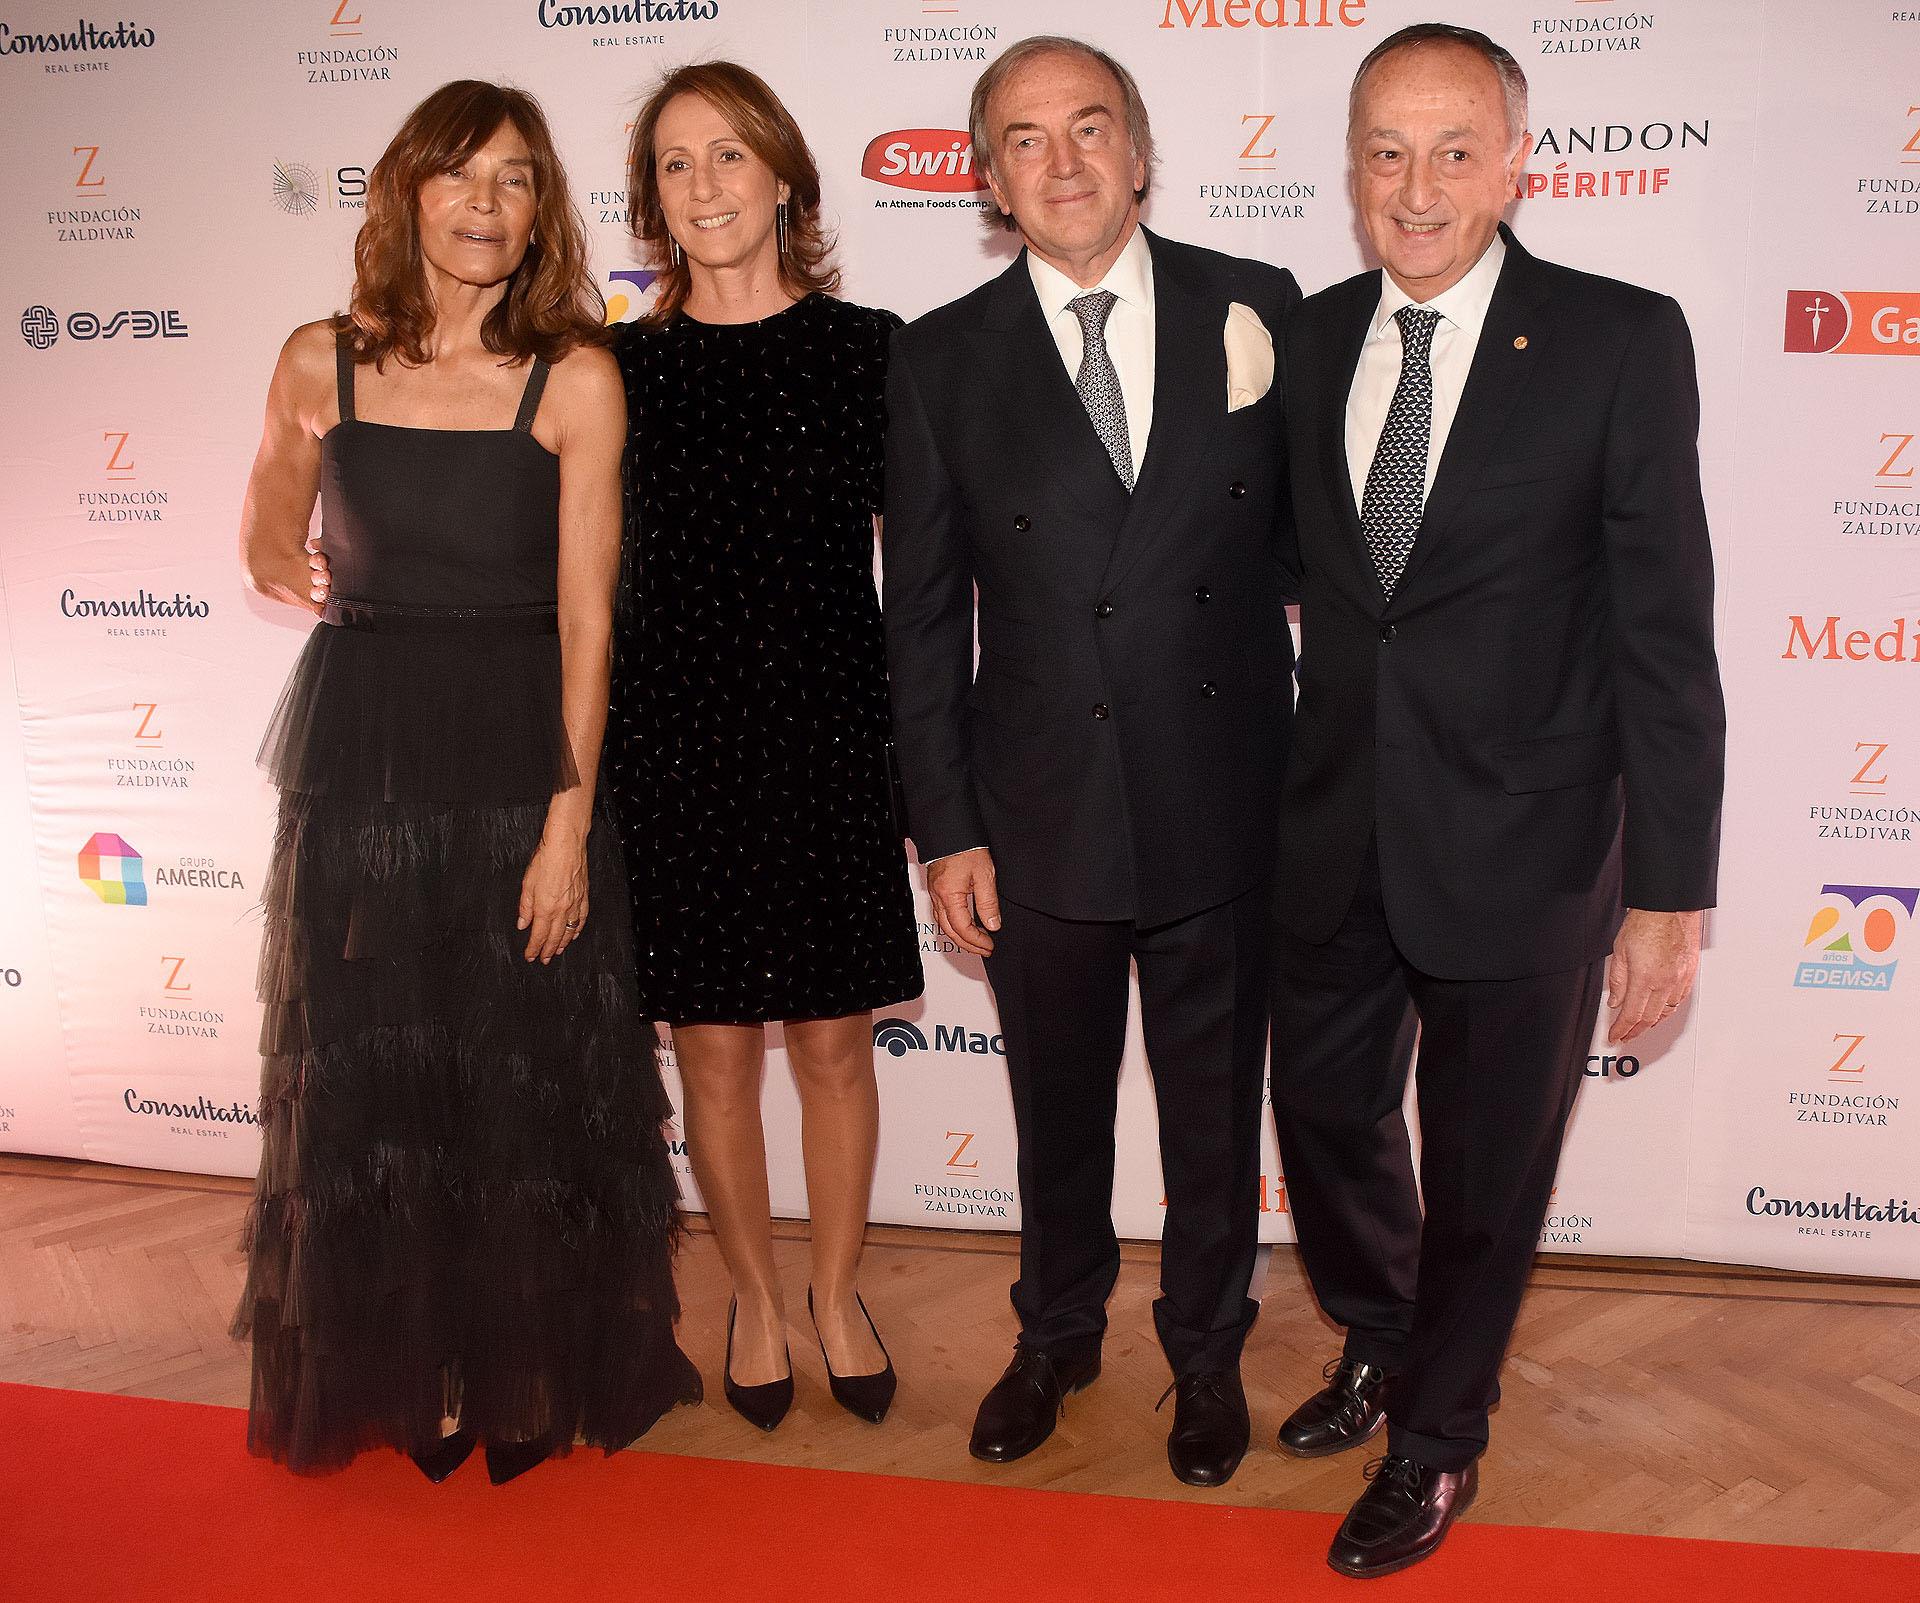 El matrimonio Zaldivar junto aMiguel Acevedo, presidente de la Unión Industrial Argentina (UIA) y su mujer